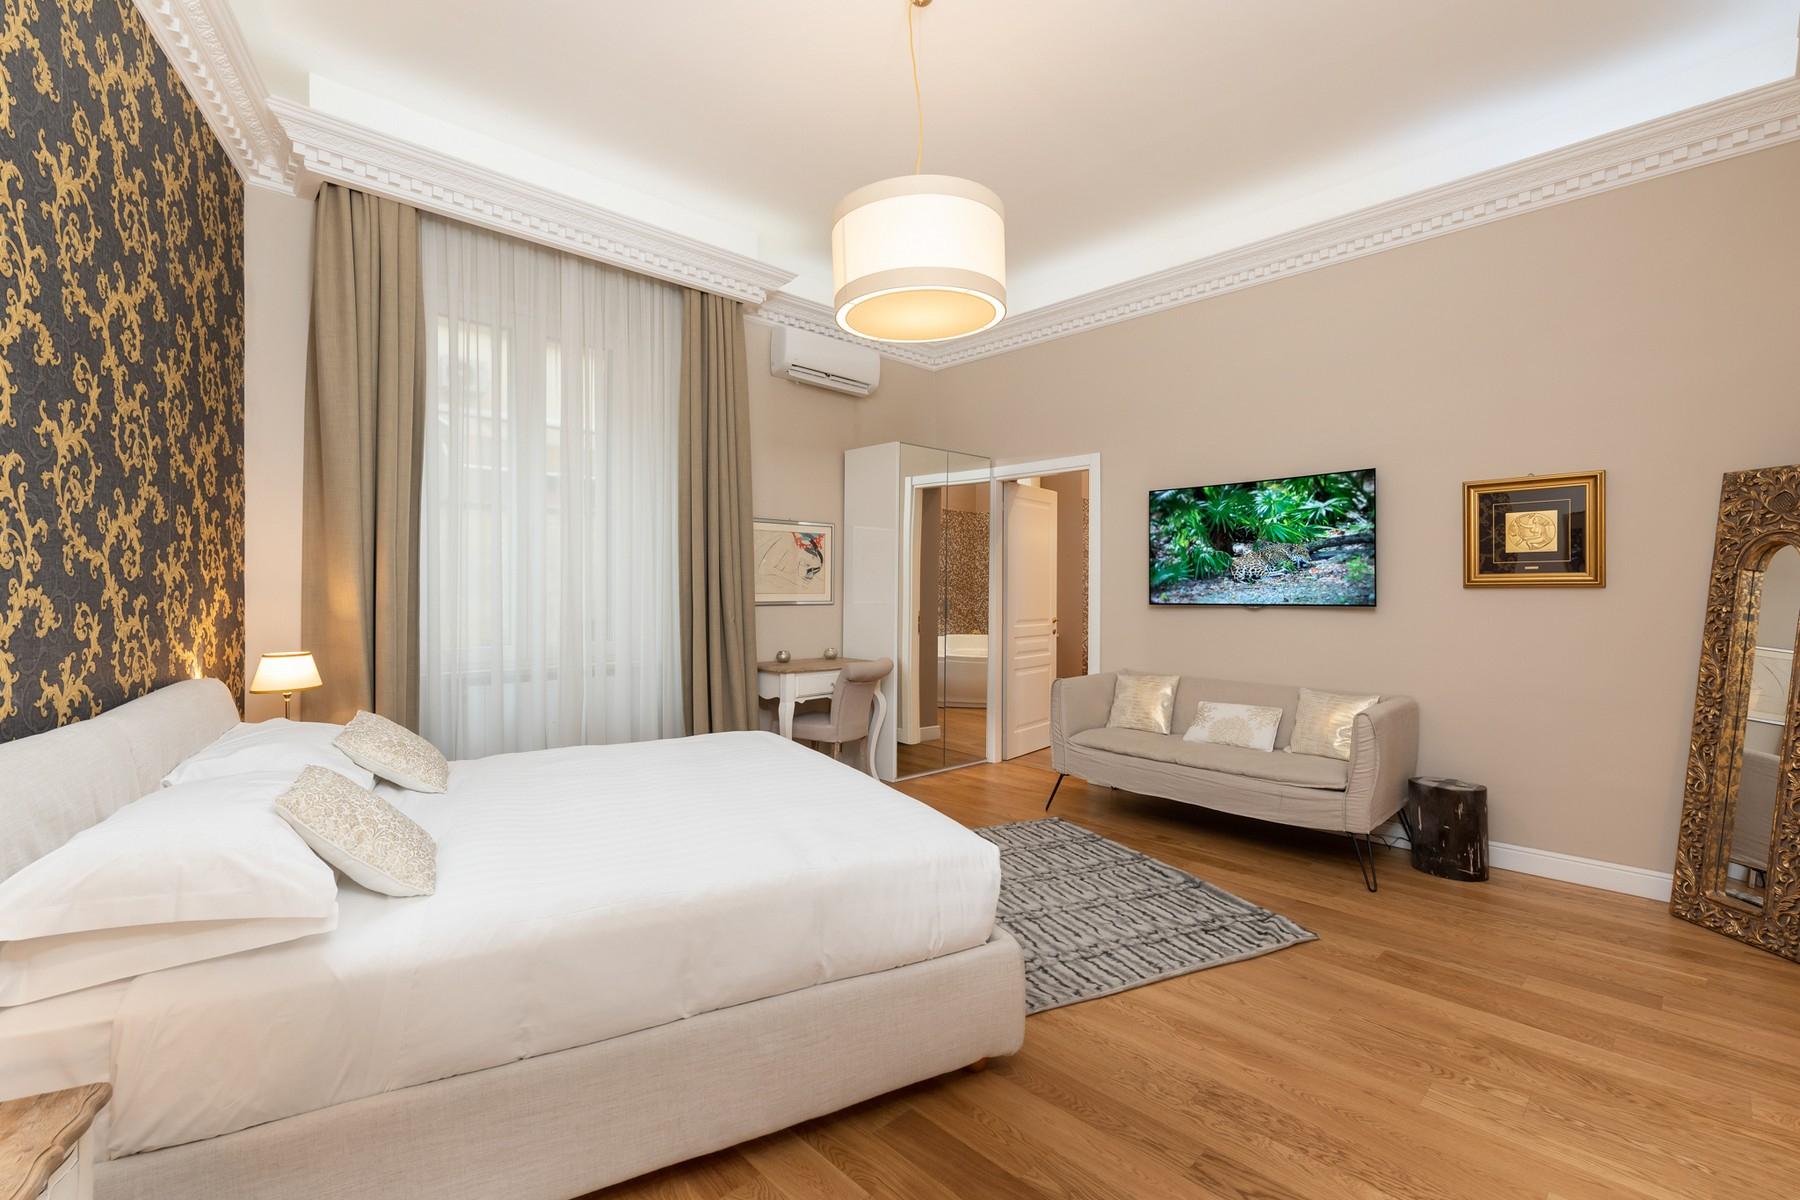 Appartamento in Vendita a Roma: 3 locali, 100 mq - Foto 7